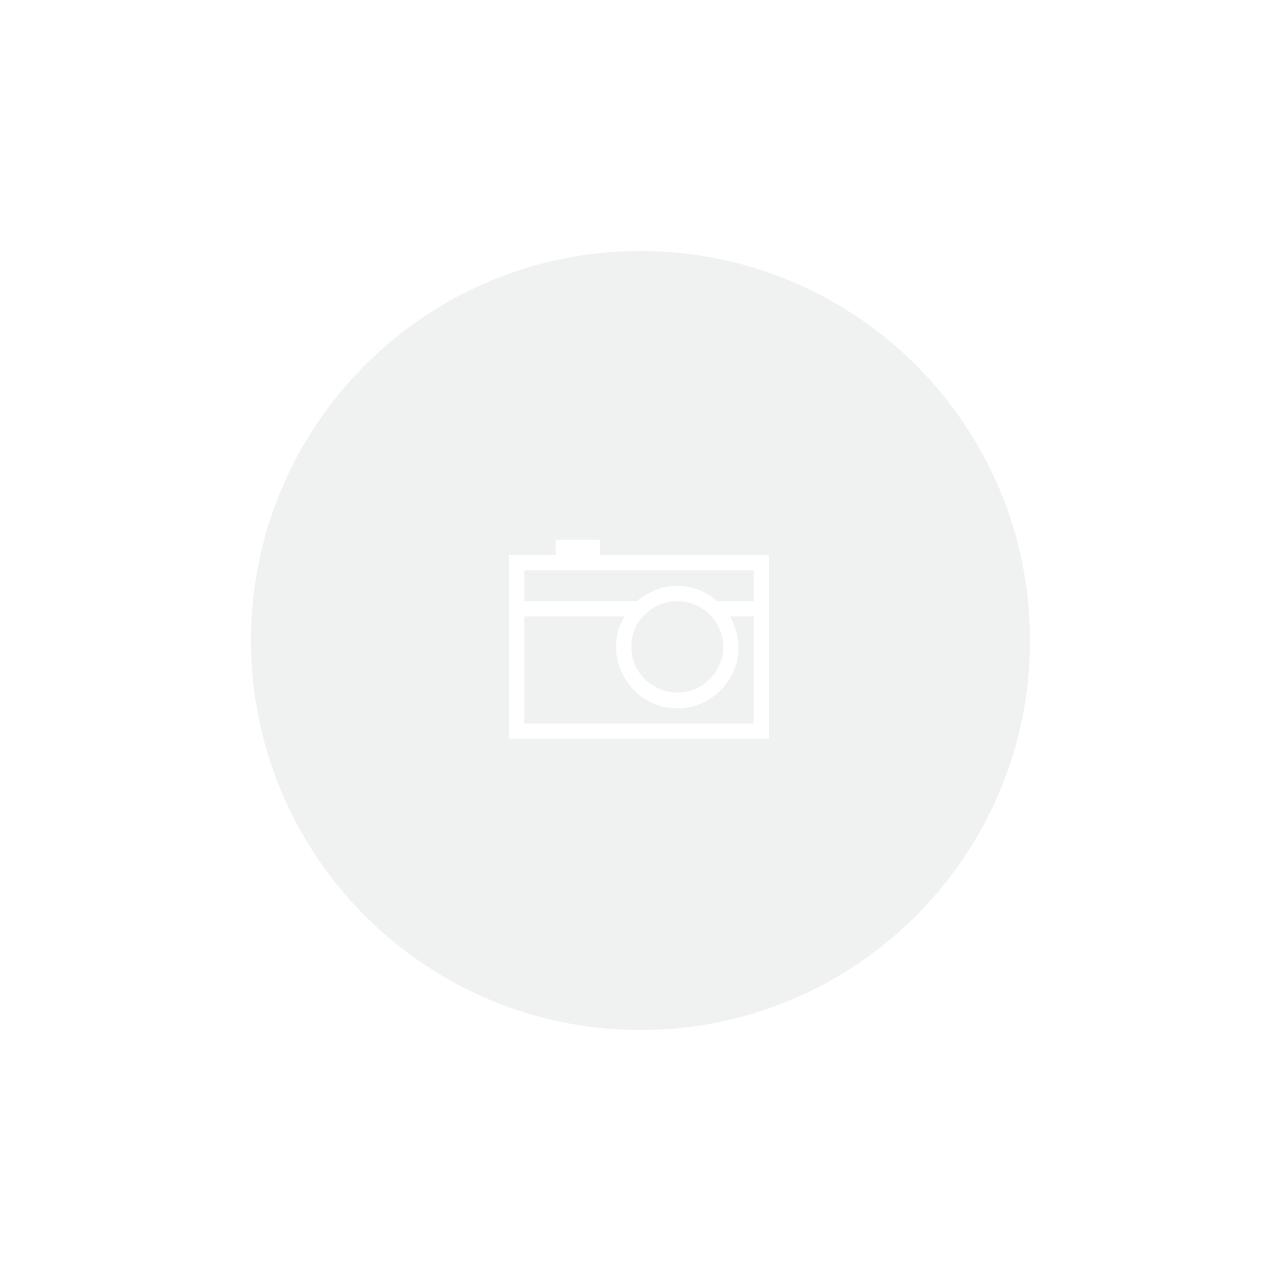 Cachepot Taca Branco Craquelado  16,5x19,5cm